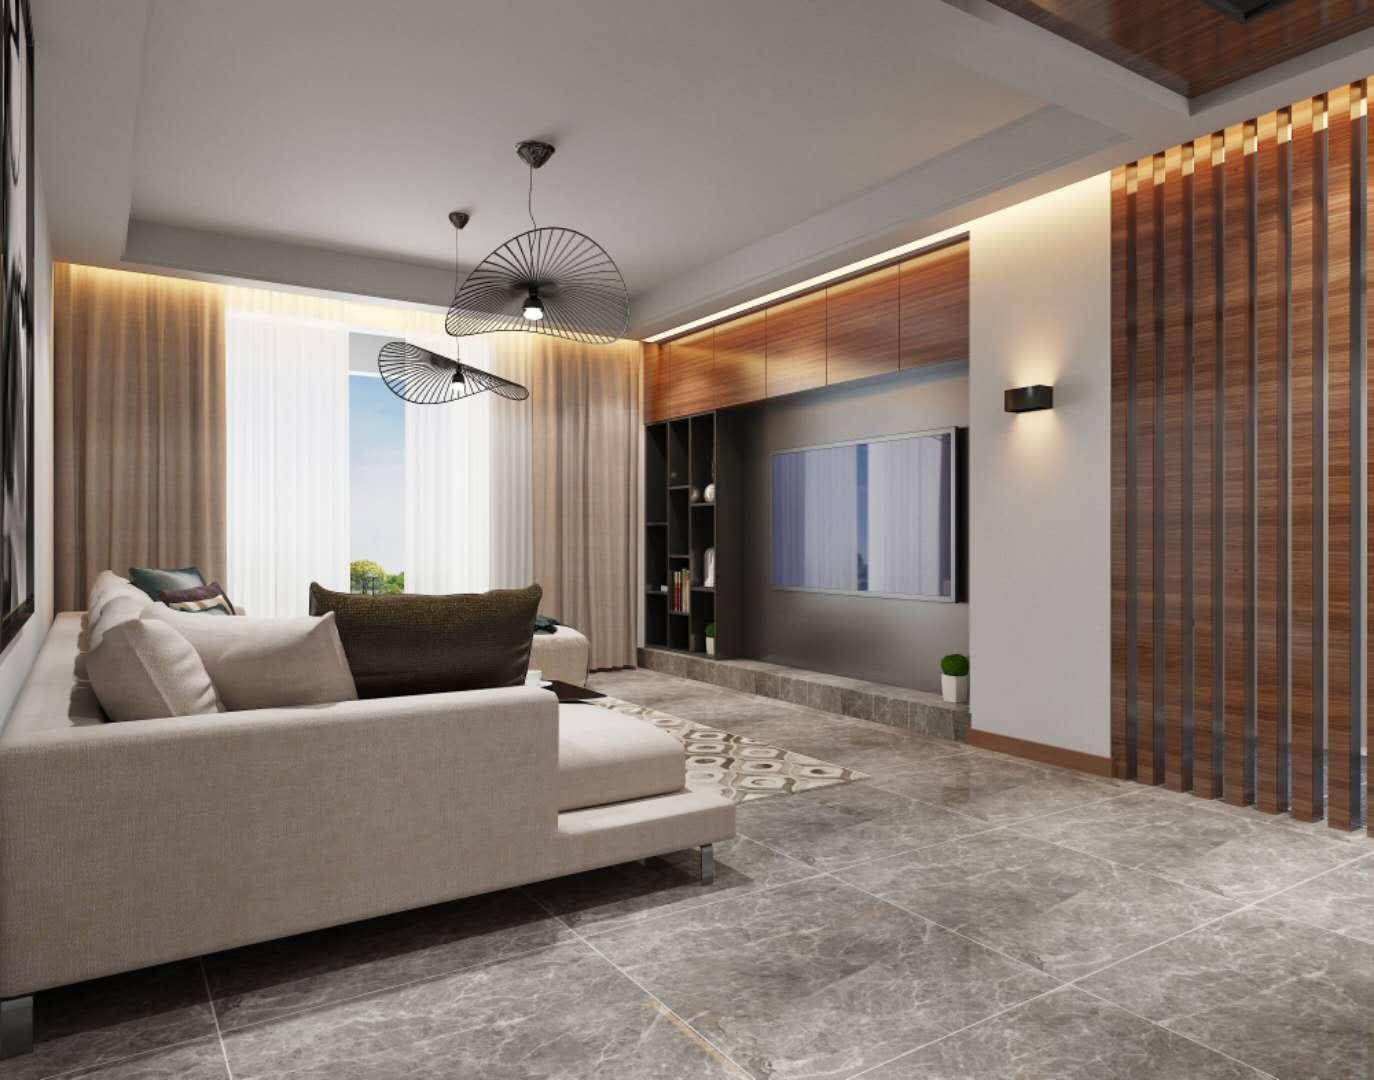 曲江金水湾3居室项目概览